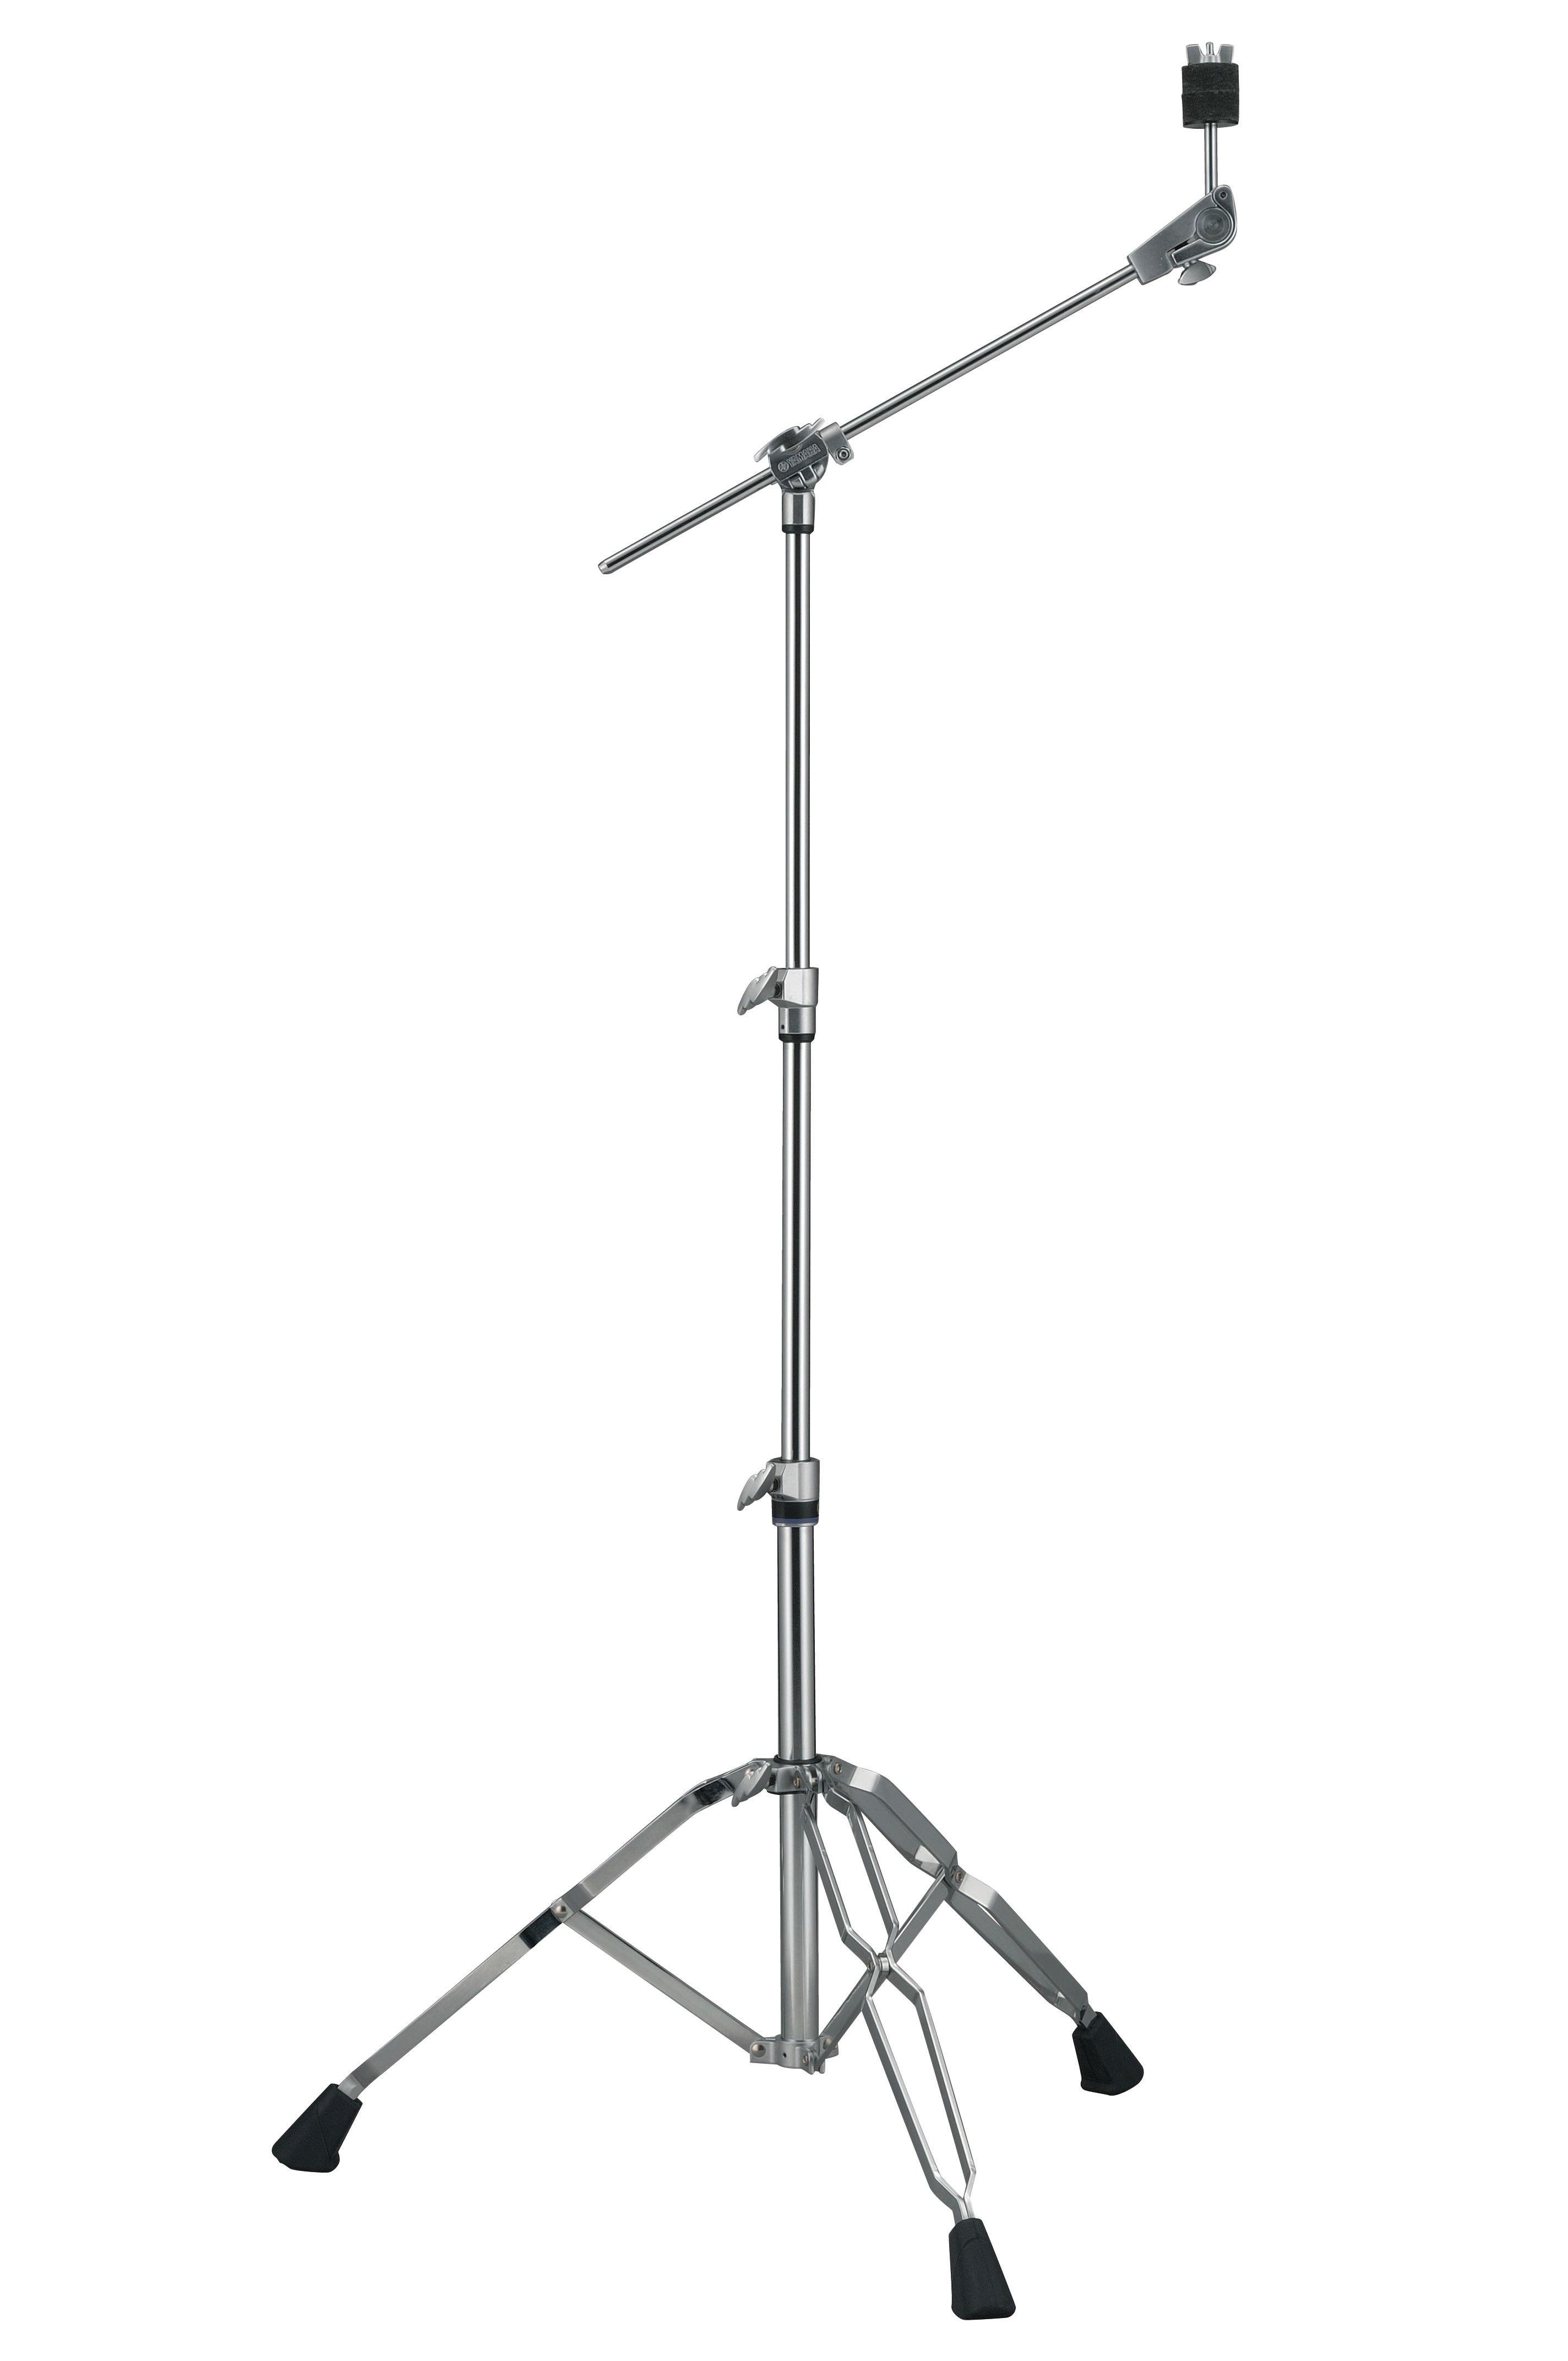 銅鈸支架 概述 硬體與鼓架 傳統鼓 鼓樂器 樂器 產品 Yamaha 台灣